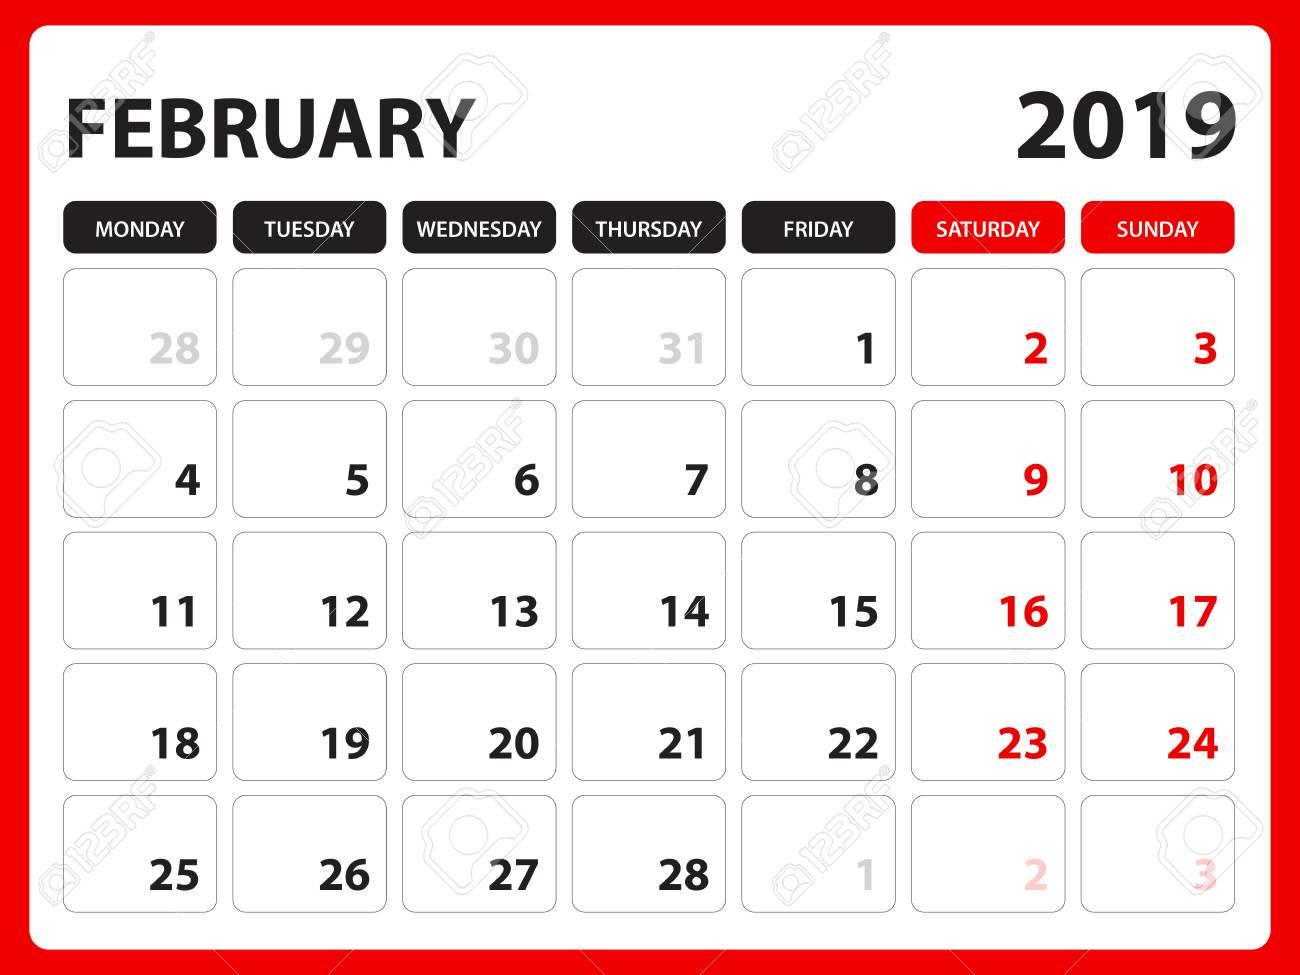 Calendar February 2019 Design Desk Calendar For FEBRUARY 2019 Template, Printable Calendar